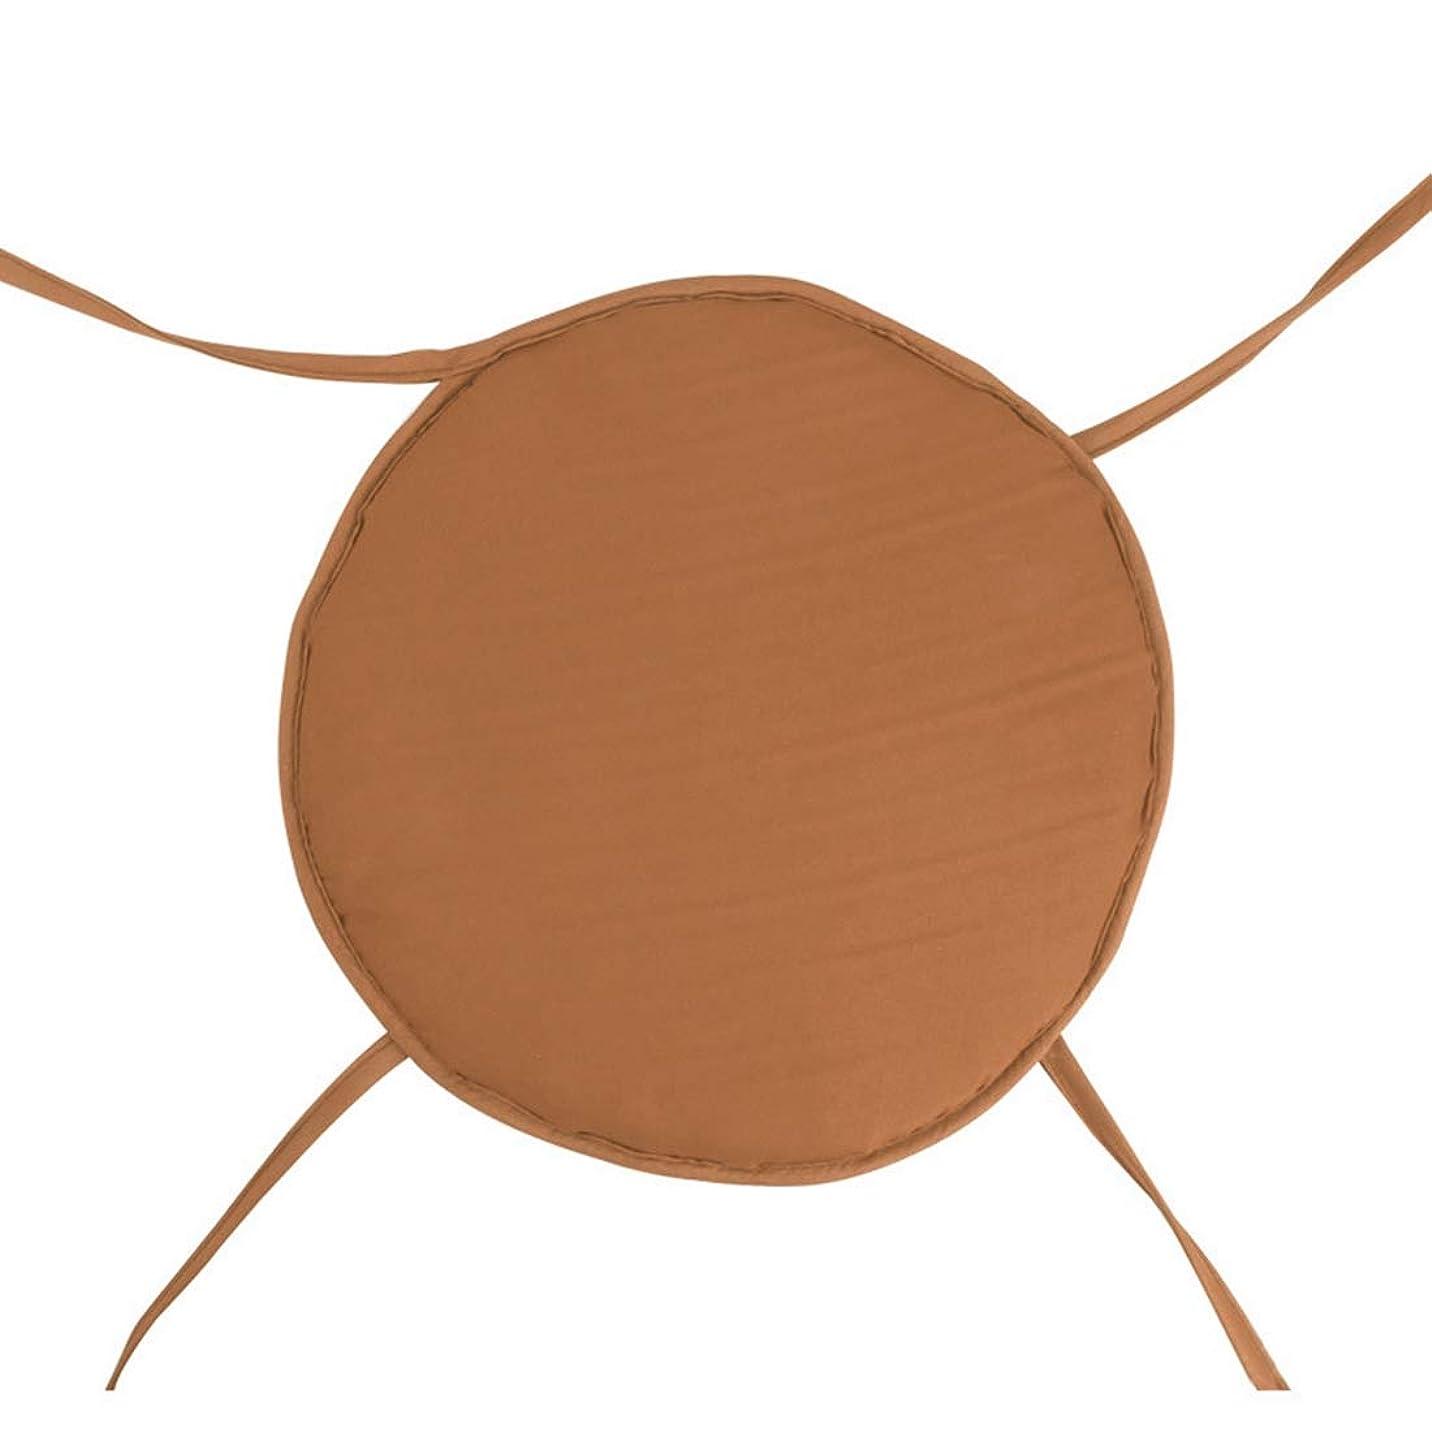 安全な写真を撮る作りますXianheng1 クッション 丸型 円形 ひも付き 座布団 椅子用 オフィスチェア 椅子クッション フロアクッション 椅子用クッション シートクッション いす用 子供用 滑り止めクッション チェア おしゃれ 一個 四個セット